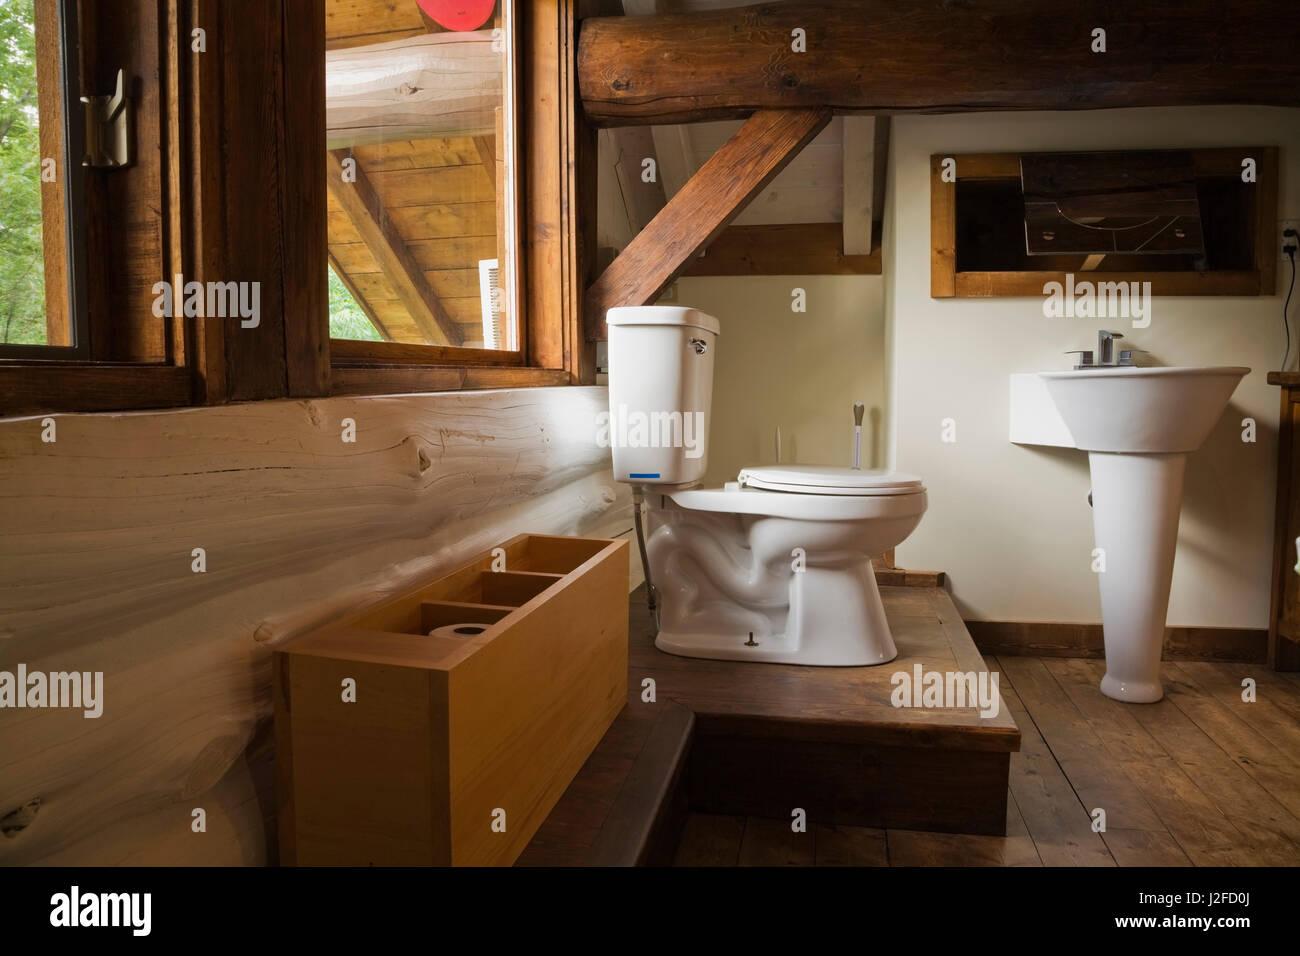 Camera Da Letto Nel Soppalco : Wc e lavandino esposto allaperto nella camera da letto matrimoniale